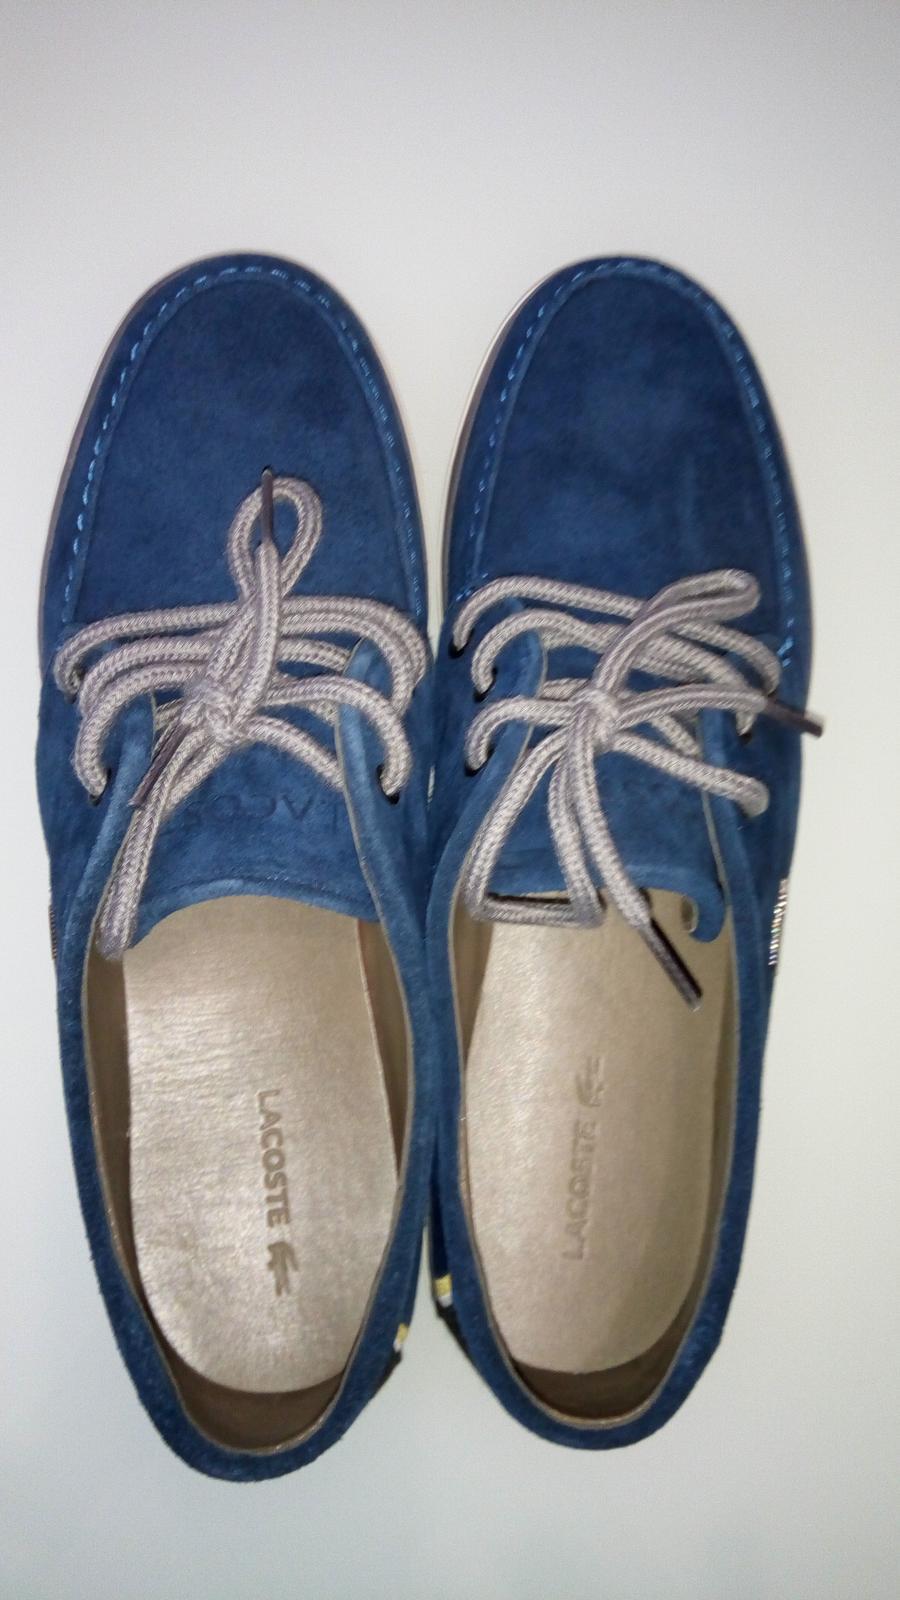 ef4bee4a0197 Pánske lacoste topánky